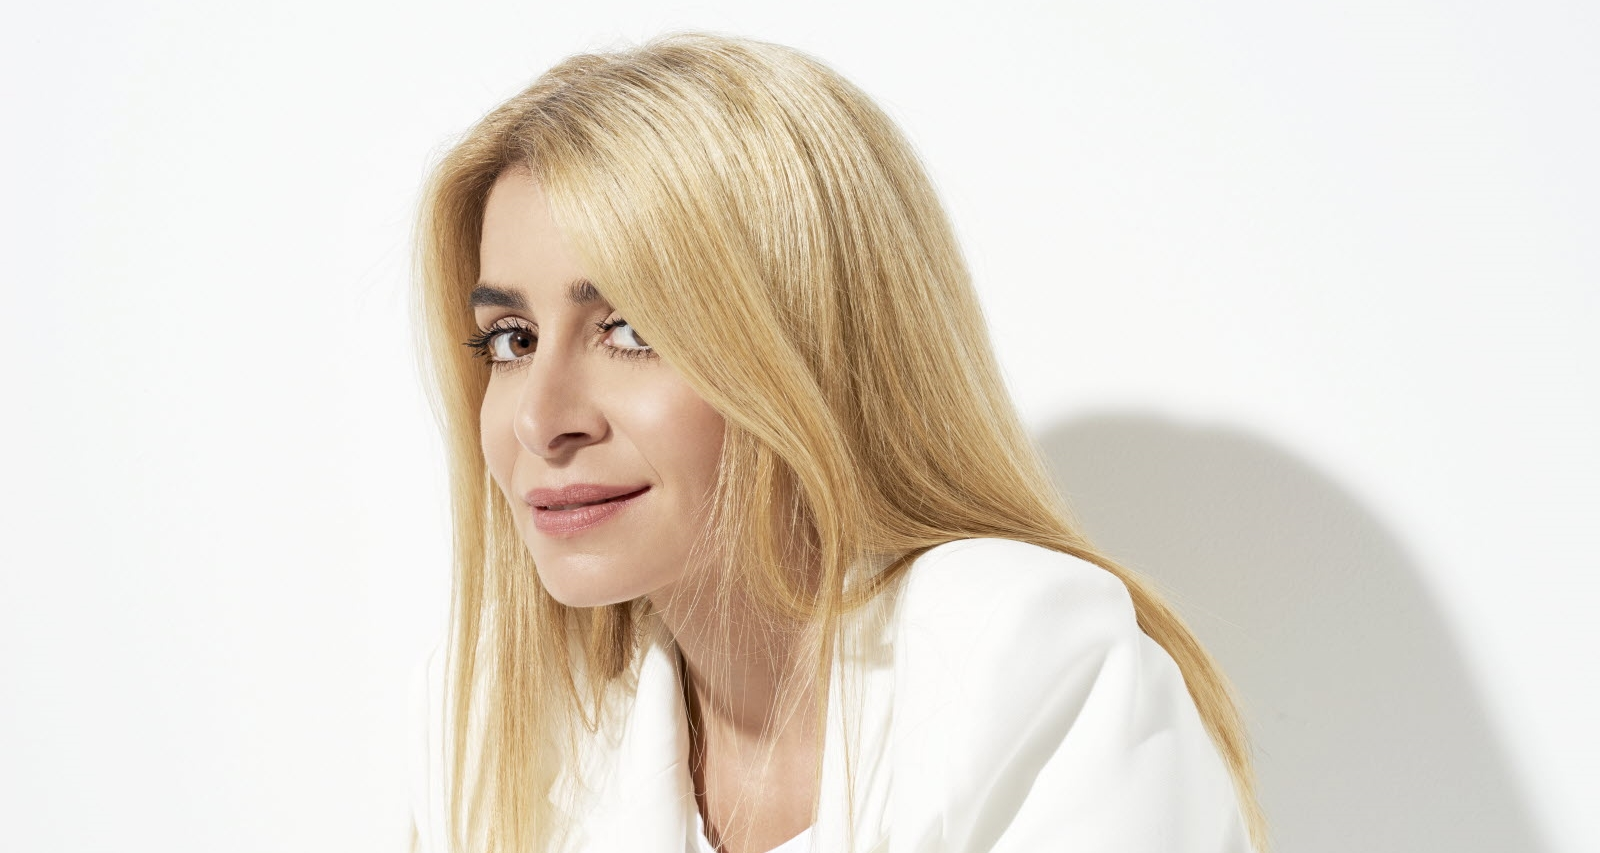 julie zenatti debuts carriere enfance notre dame de paris semaine speciale